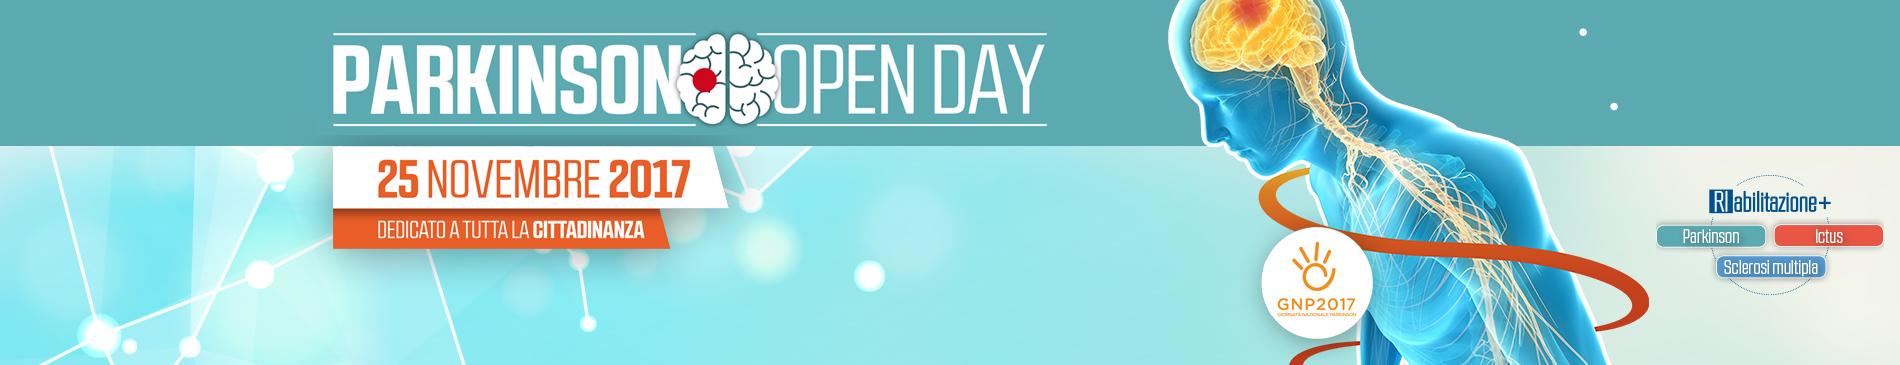 Giornata Nazionale Parkinson | Open Day Parkinson 2017